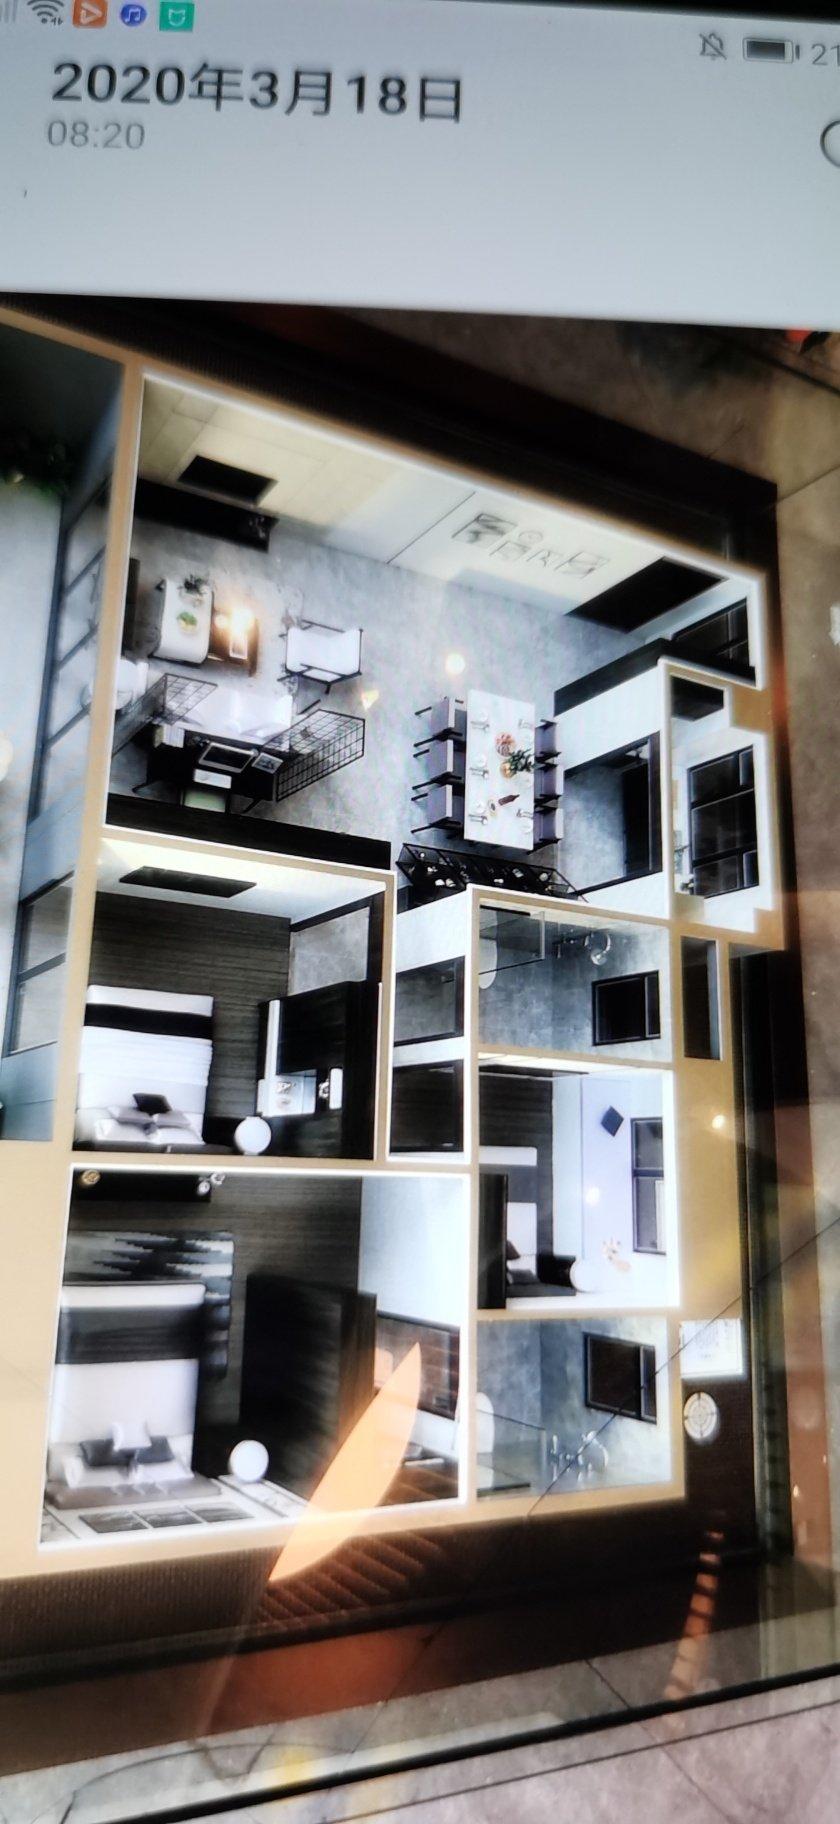 我的房子136平,三室两厅两卫,主卧有衣帽间,比较小,客厅宽,